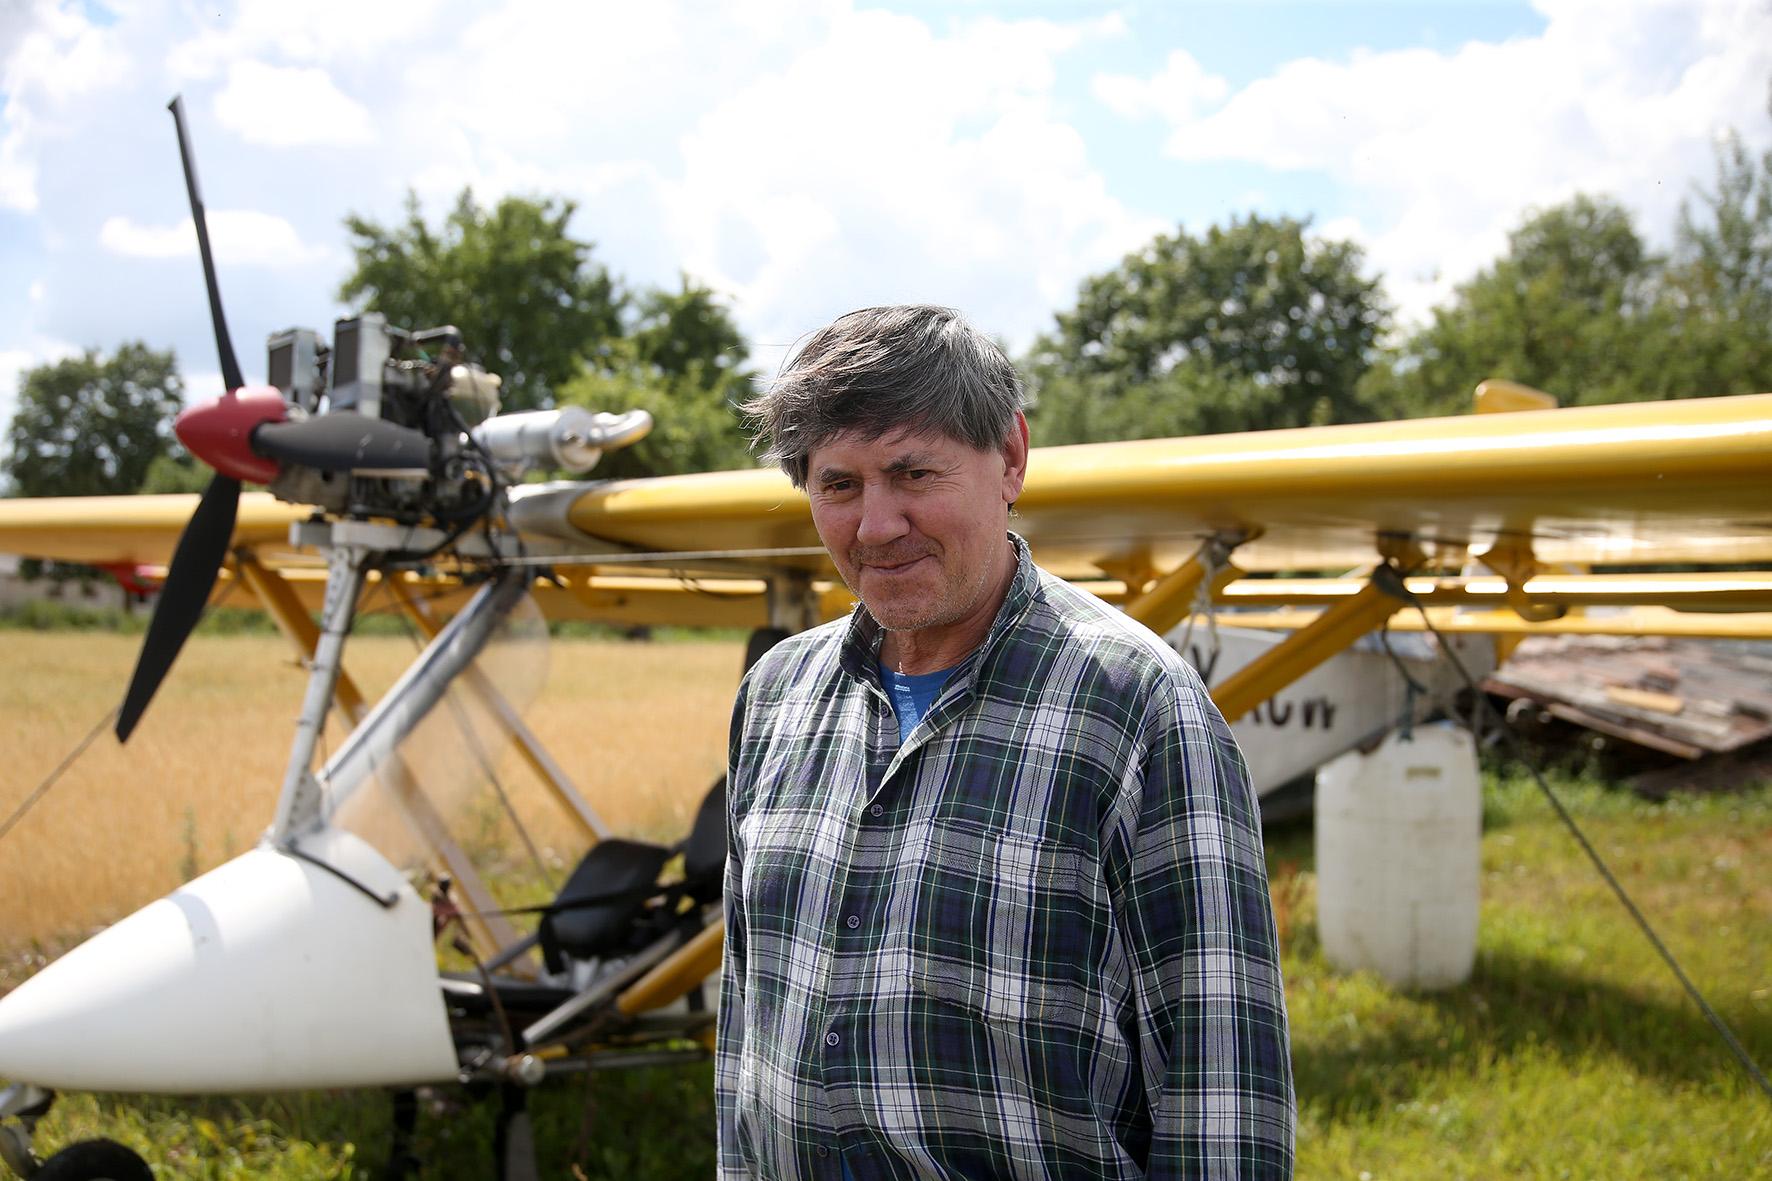 Jau daugiau nei 40 metų piloto stažą turinčiam lakūnui  Jonui Subačiui skraidymas – tikras malonumas. Algimanto Barzdžiaus nuotr.